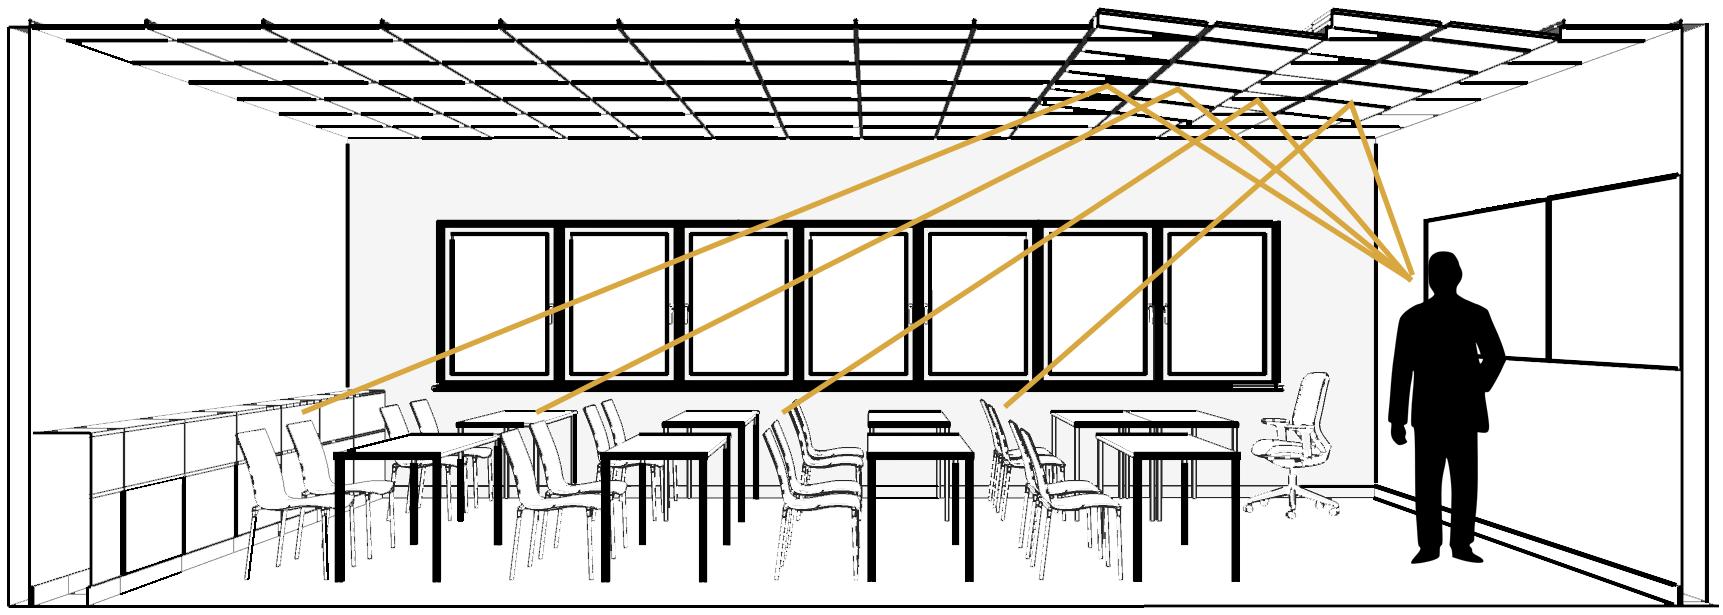 Schemat przedstawiający kierowanie fali dźwiękowej przy pomocy ramy Tilt7